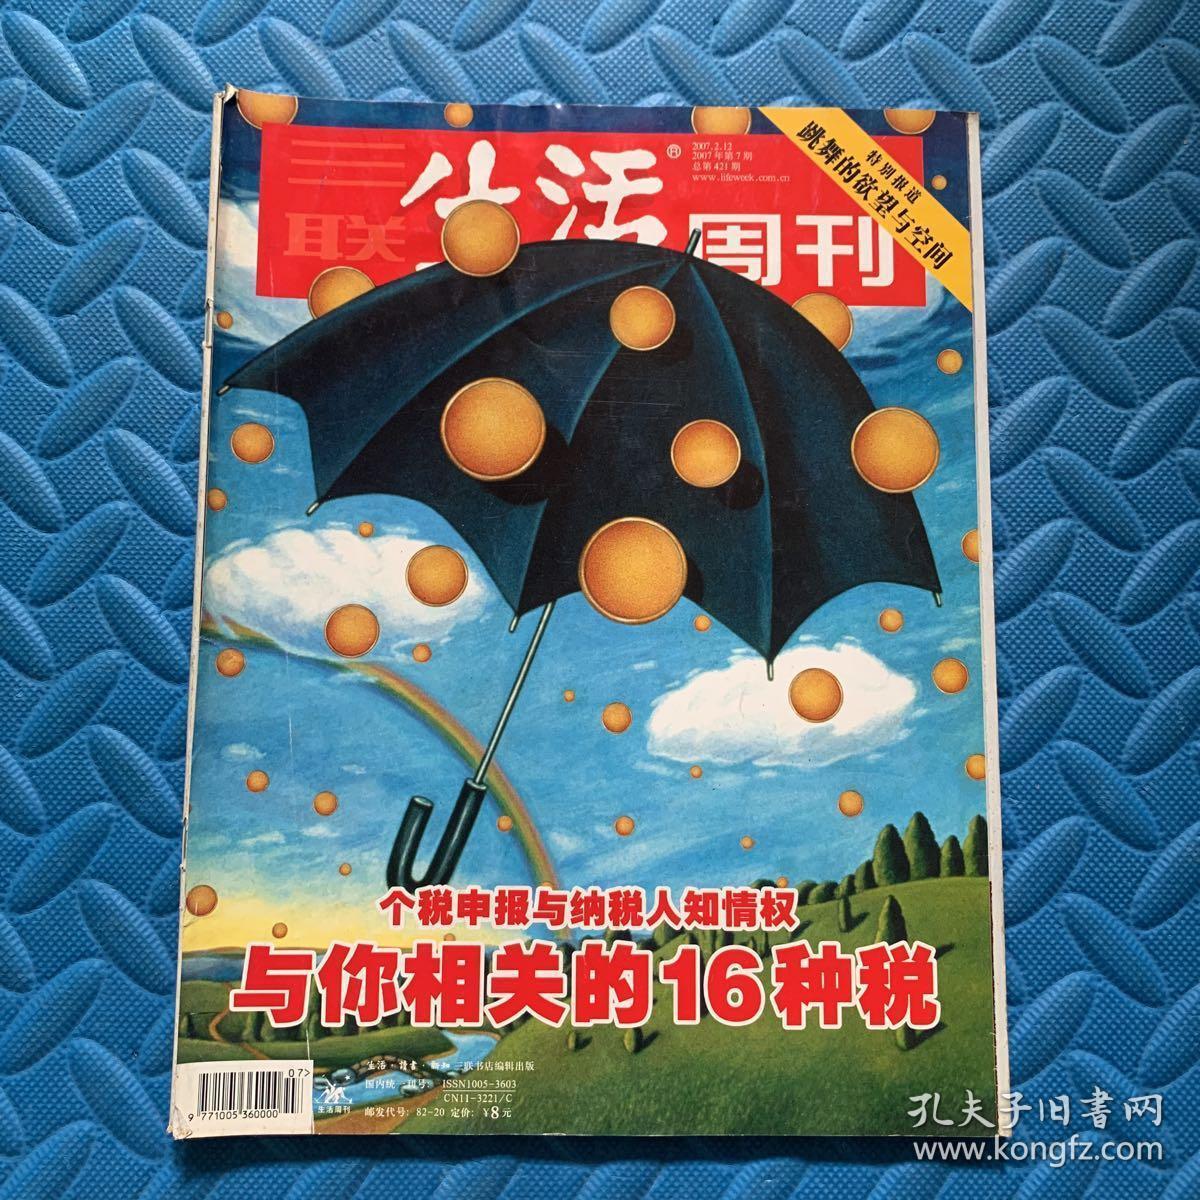 三联生活周刊2007年第7期 总421期